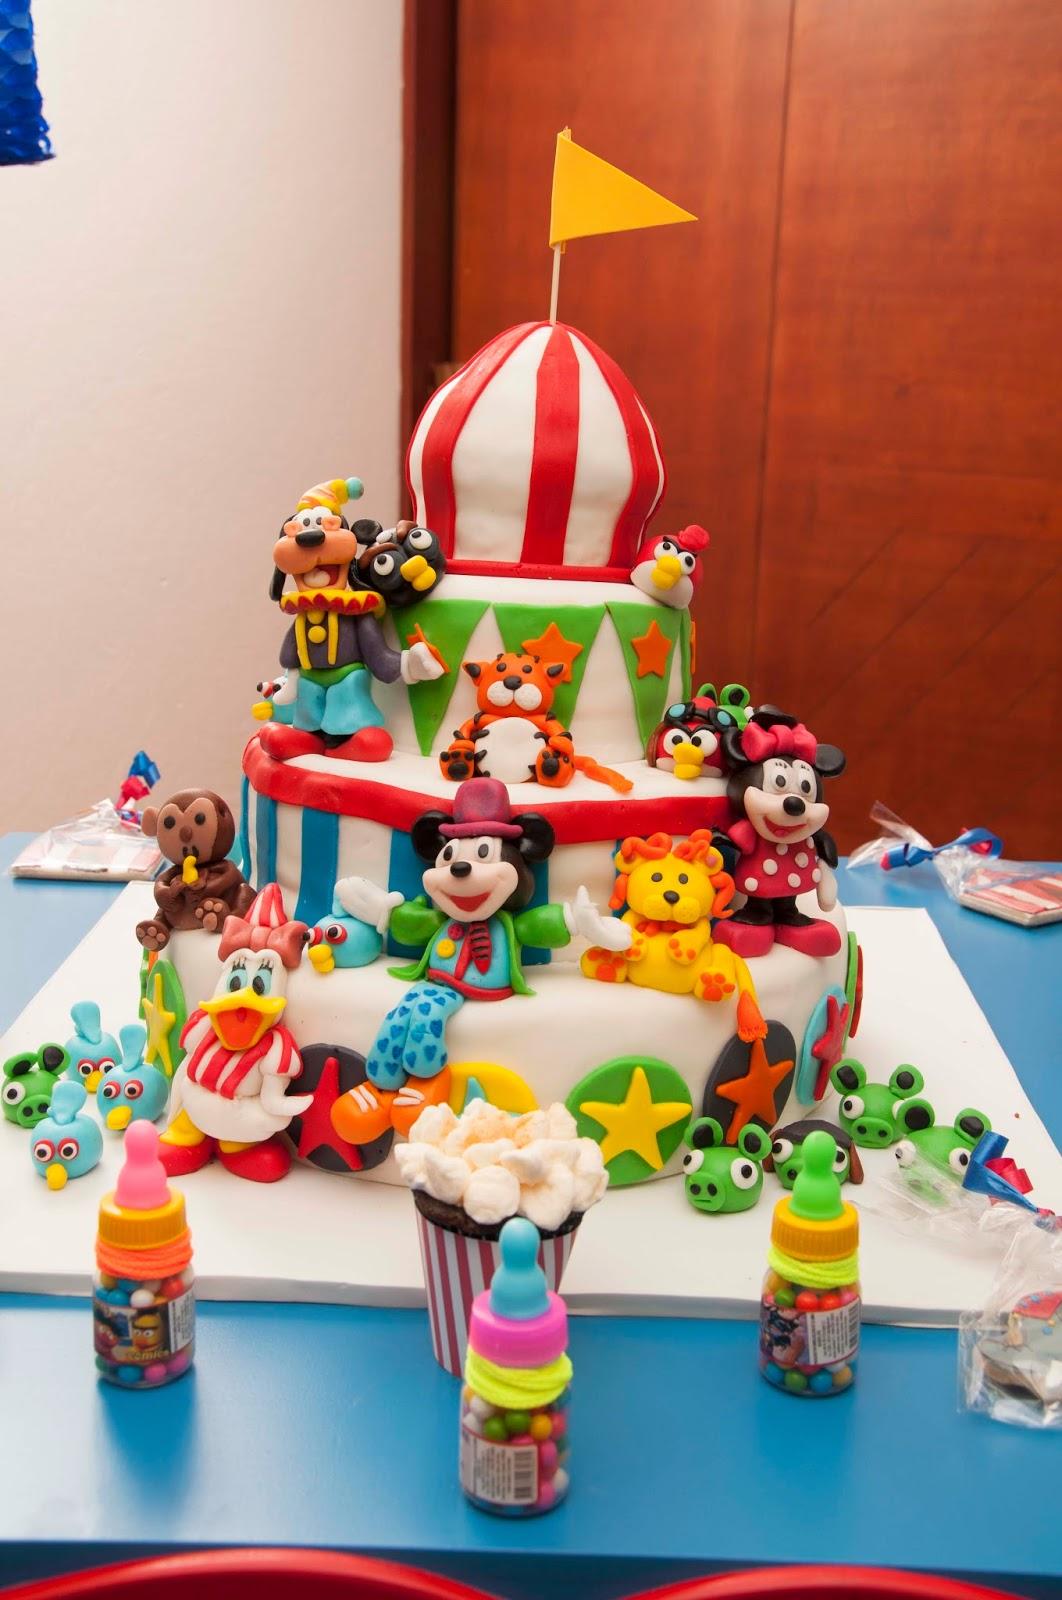 Beula decoraciones decoracion de eventos tematicos e for Decoracion eventos infantiles